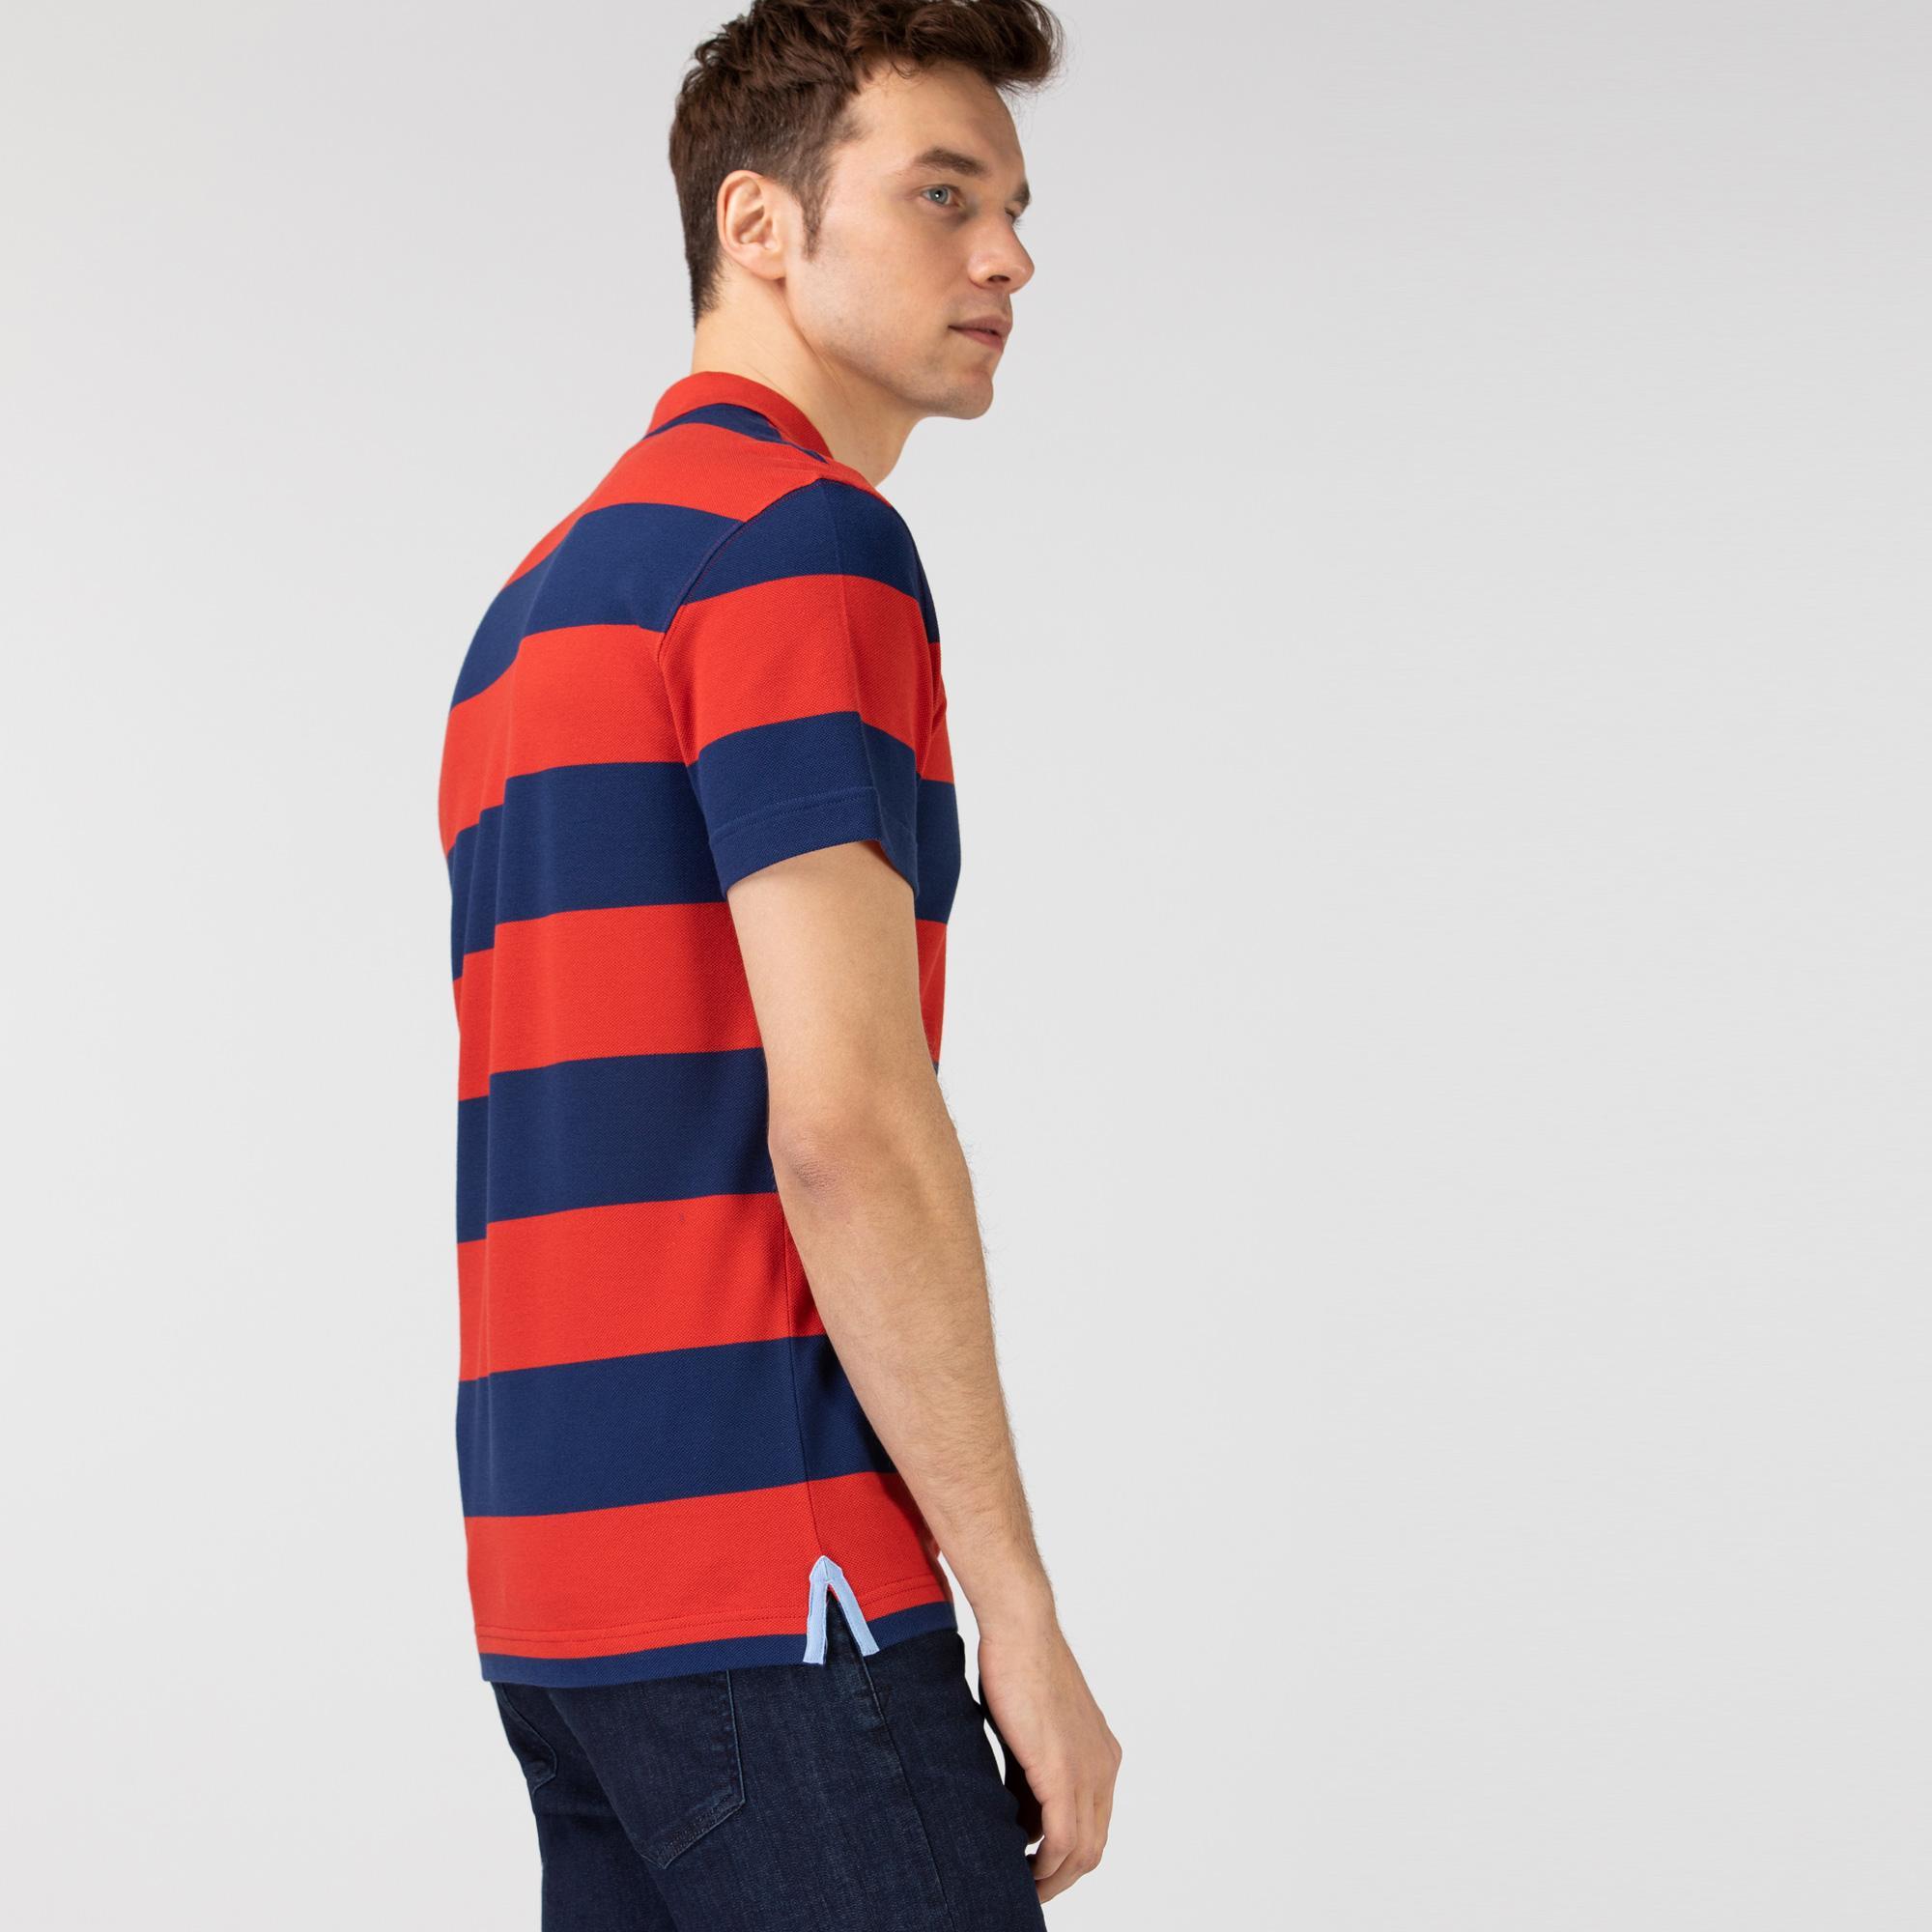 Lacoste Erkek Regular Fit Çizgili Lacivert - Kırmızı Polo